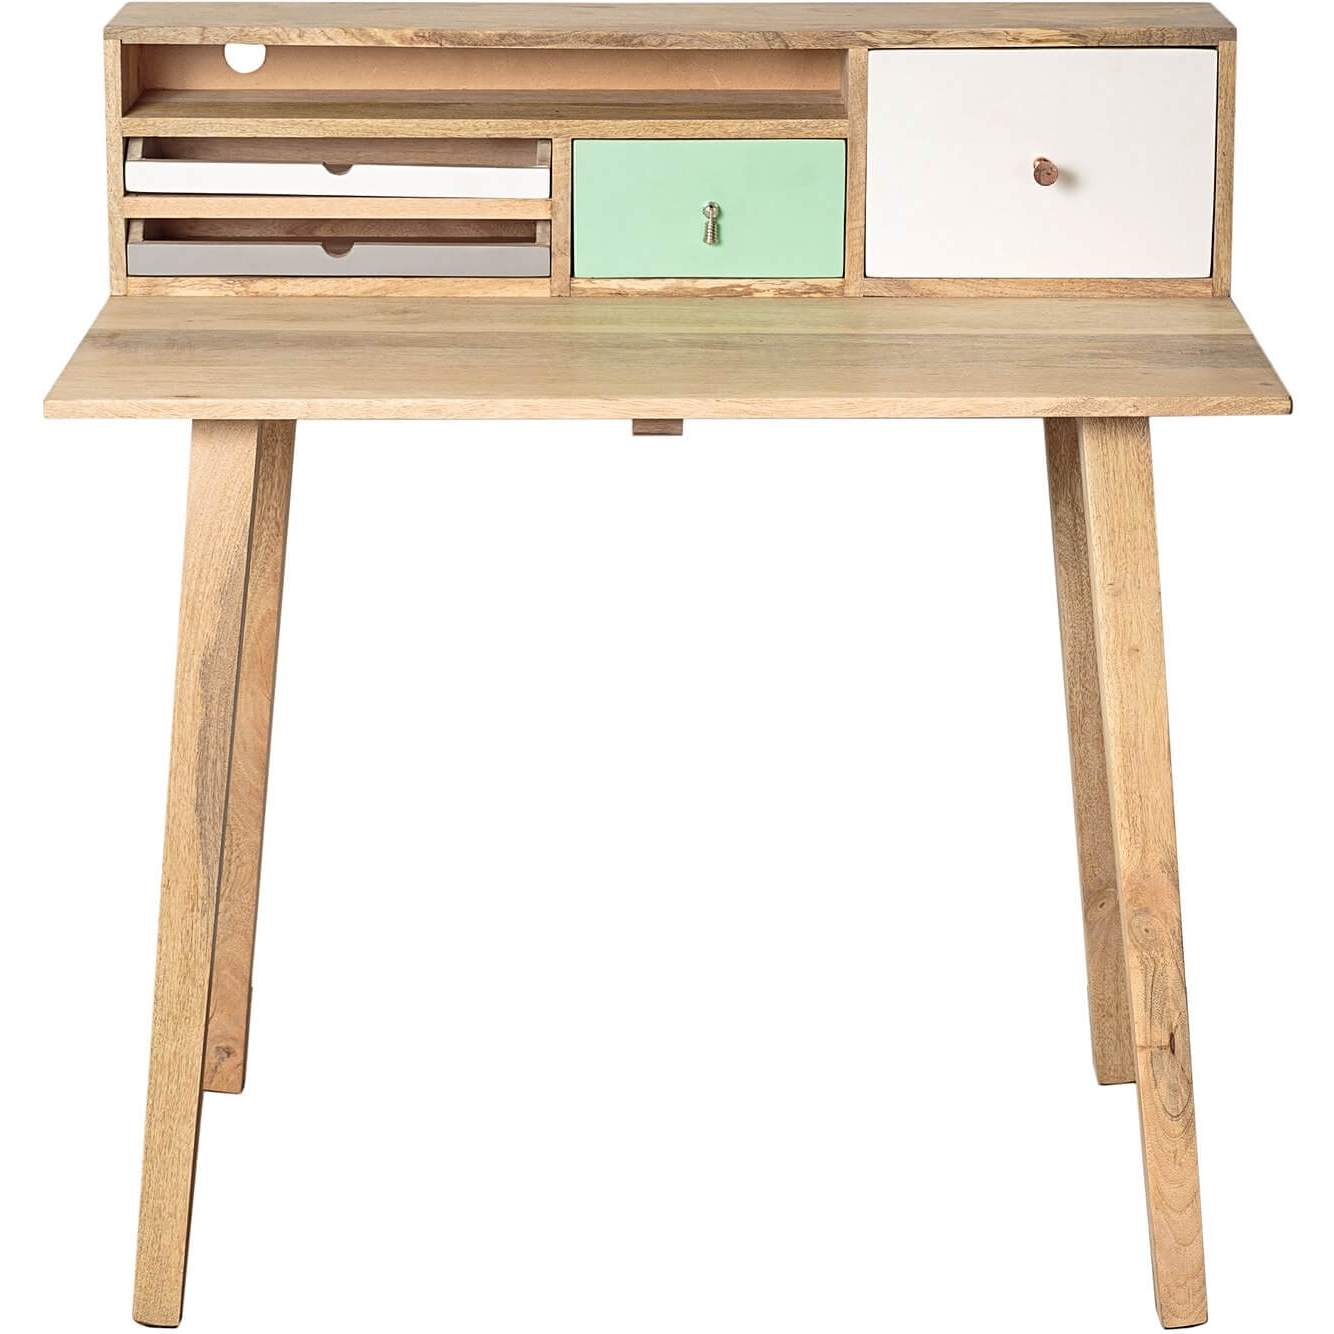 998970_oliver-bonas_homeware_bertie-wooden-desk (1).jpg